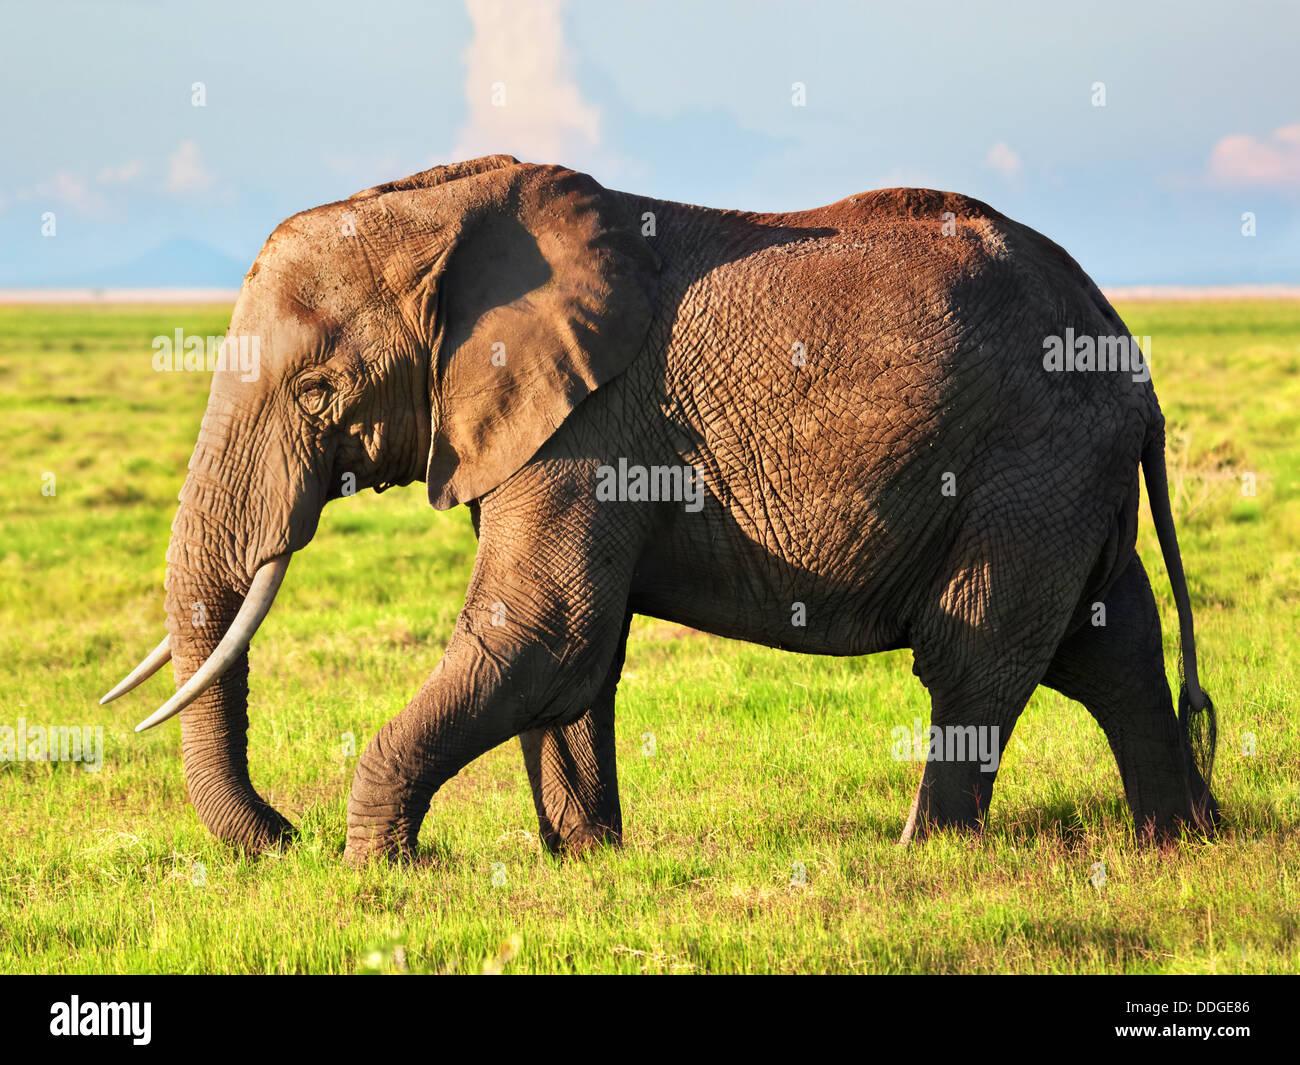 Elefante africano (Loxodonta africana), retrato en el Parque Nacional de Amboseli, el Valle del Rift, Kenya, Africa. Imagen De Stock